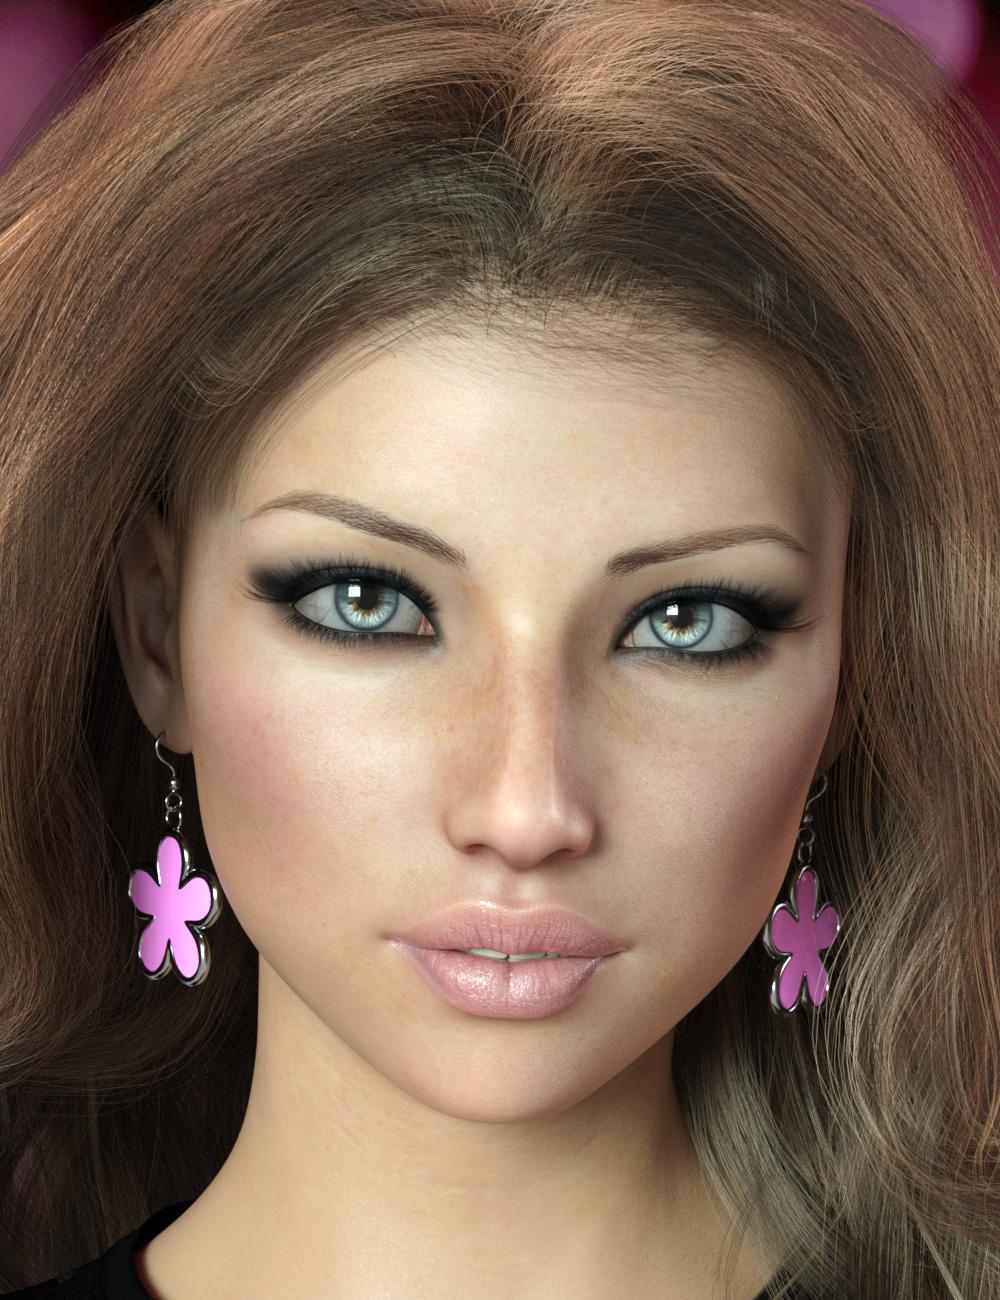 Flower Earrings for Genesis 8 Females by: esha, 3D Models by Daz 3D